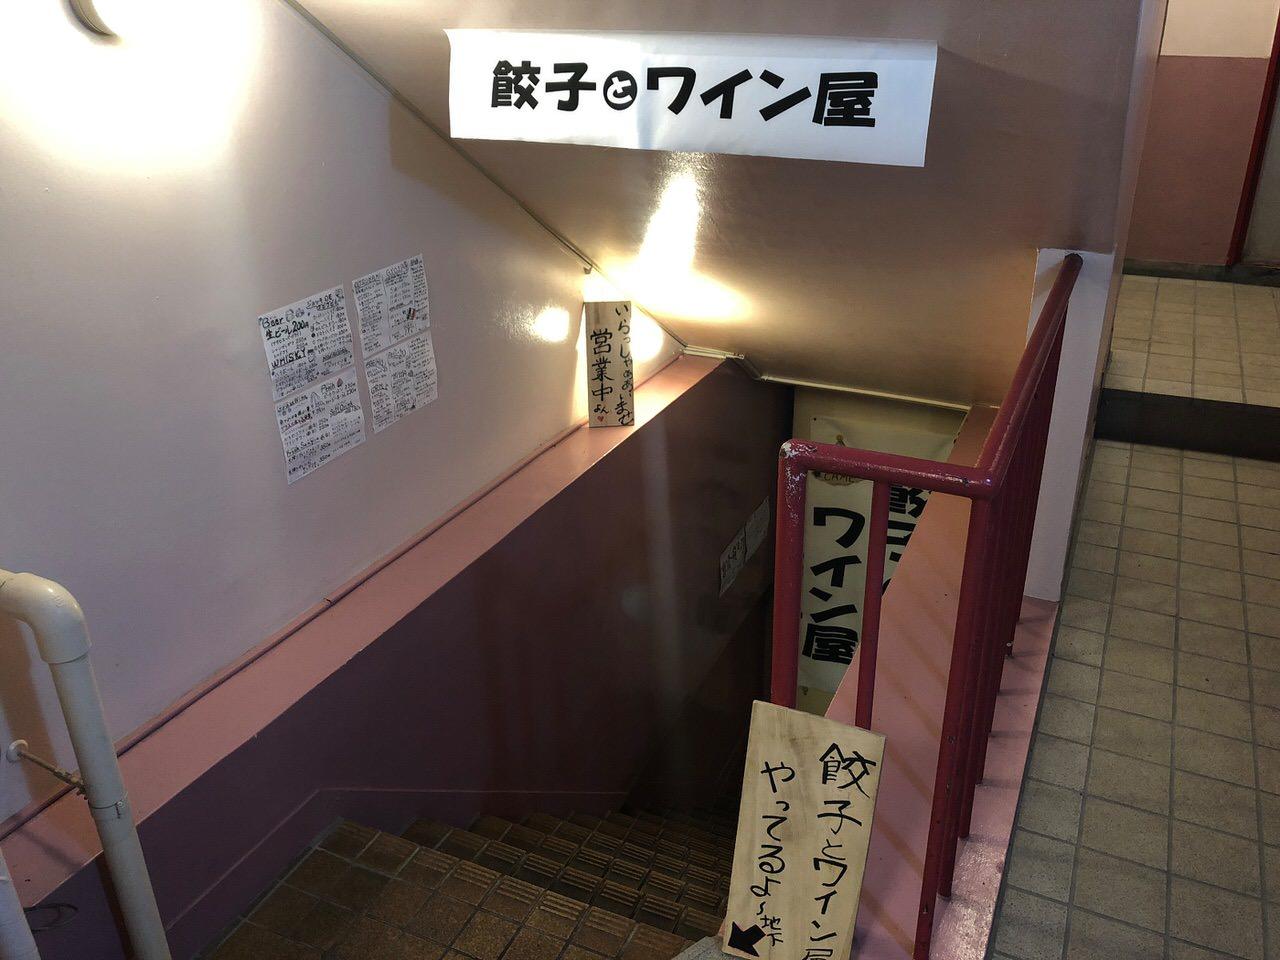 「餃子とワイン屋」ライバルはコンビニ!生ビール200円のコスパ最高位居酒屋